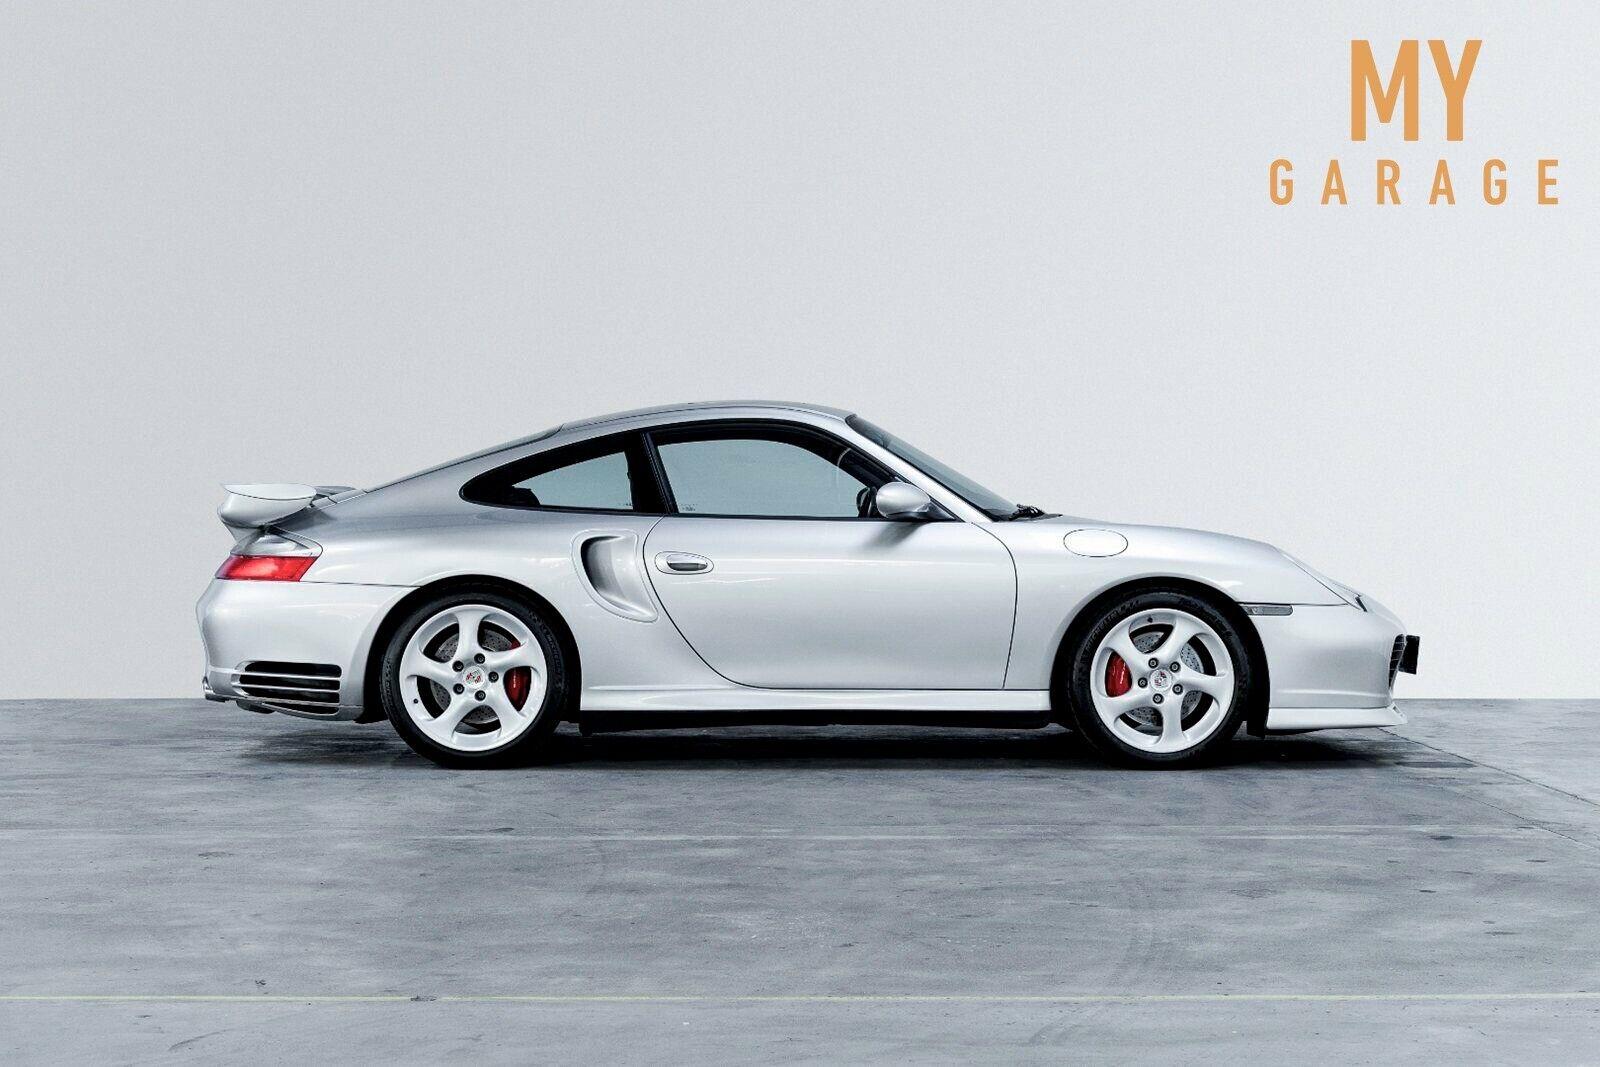 Porsche 911 Turbo 3,6 Coupé 2d - 429.000 kr.